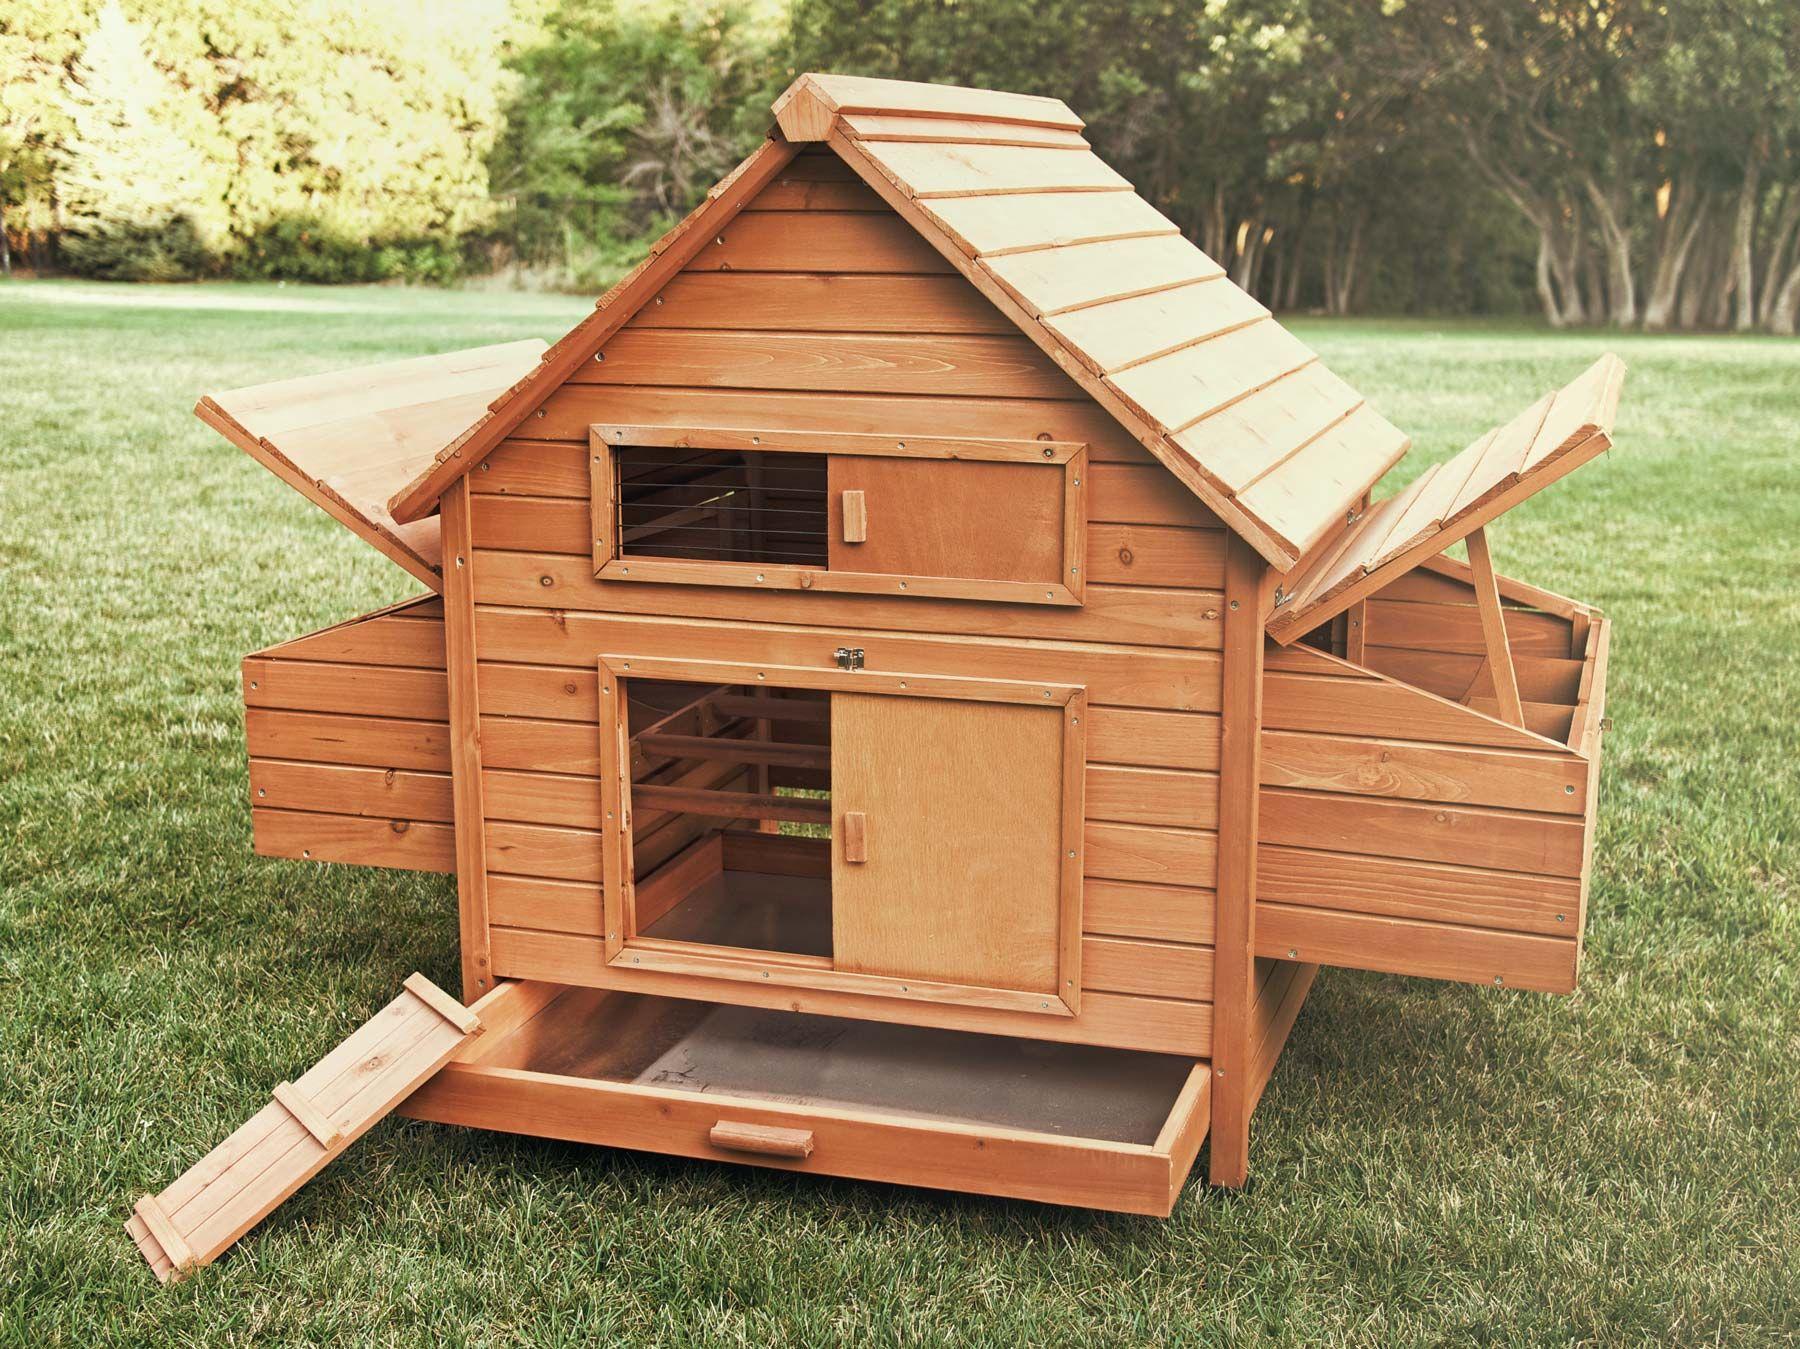 Rambler Chicken Coop Chicken Saloon Chicken Saloon Chickens Backyard Building A Chicken Coop Backyard Chicken Farming